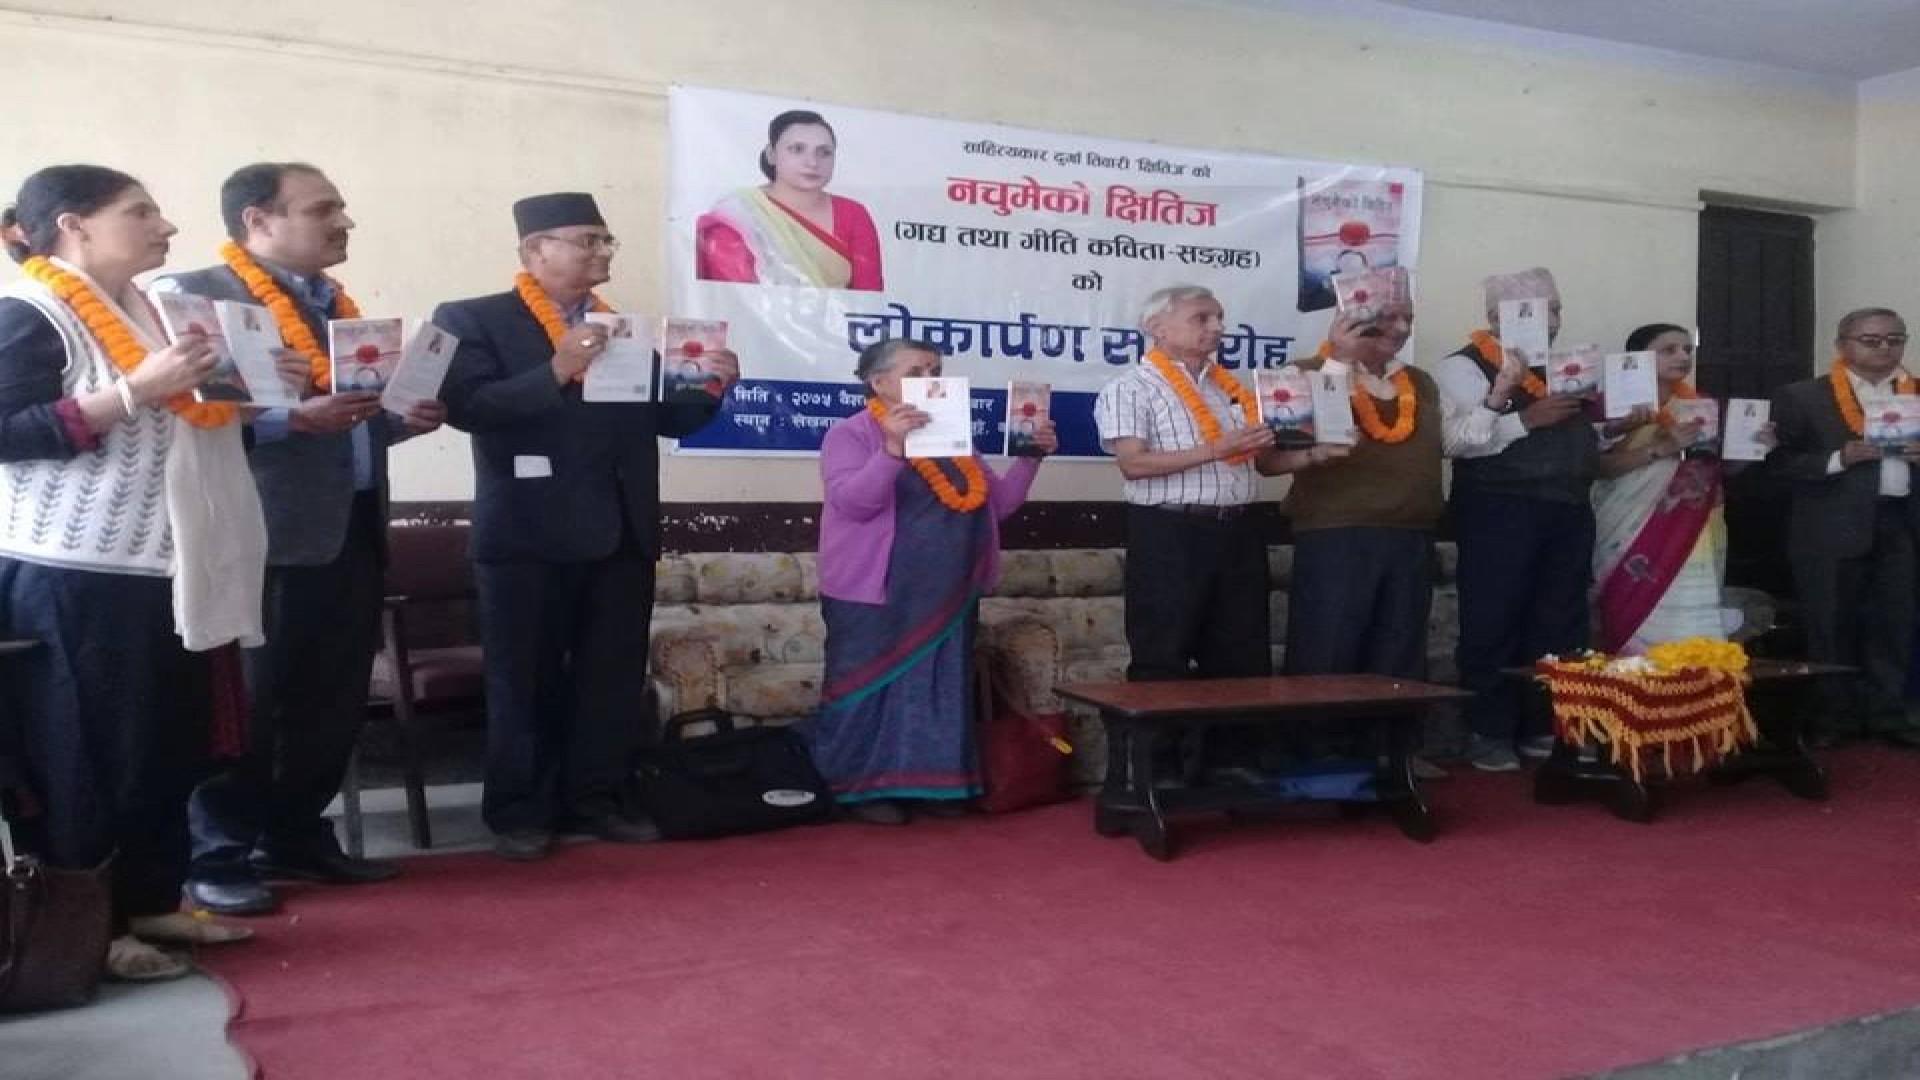 दुर्गाको 'नचुमेको क्षितिज' विमोचन